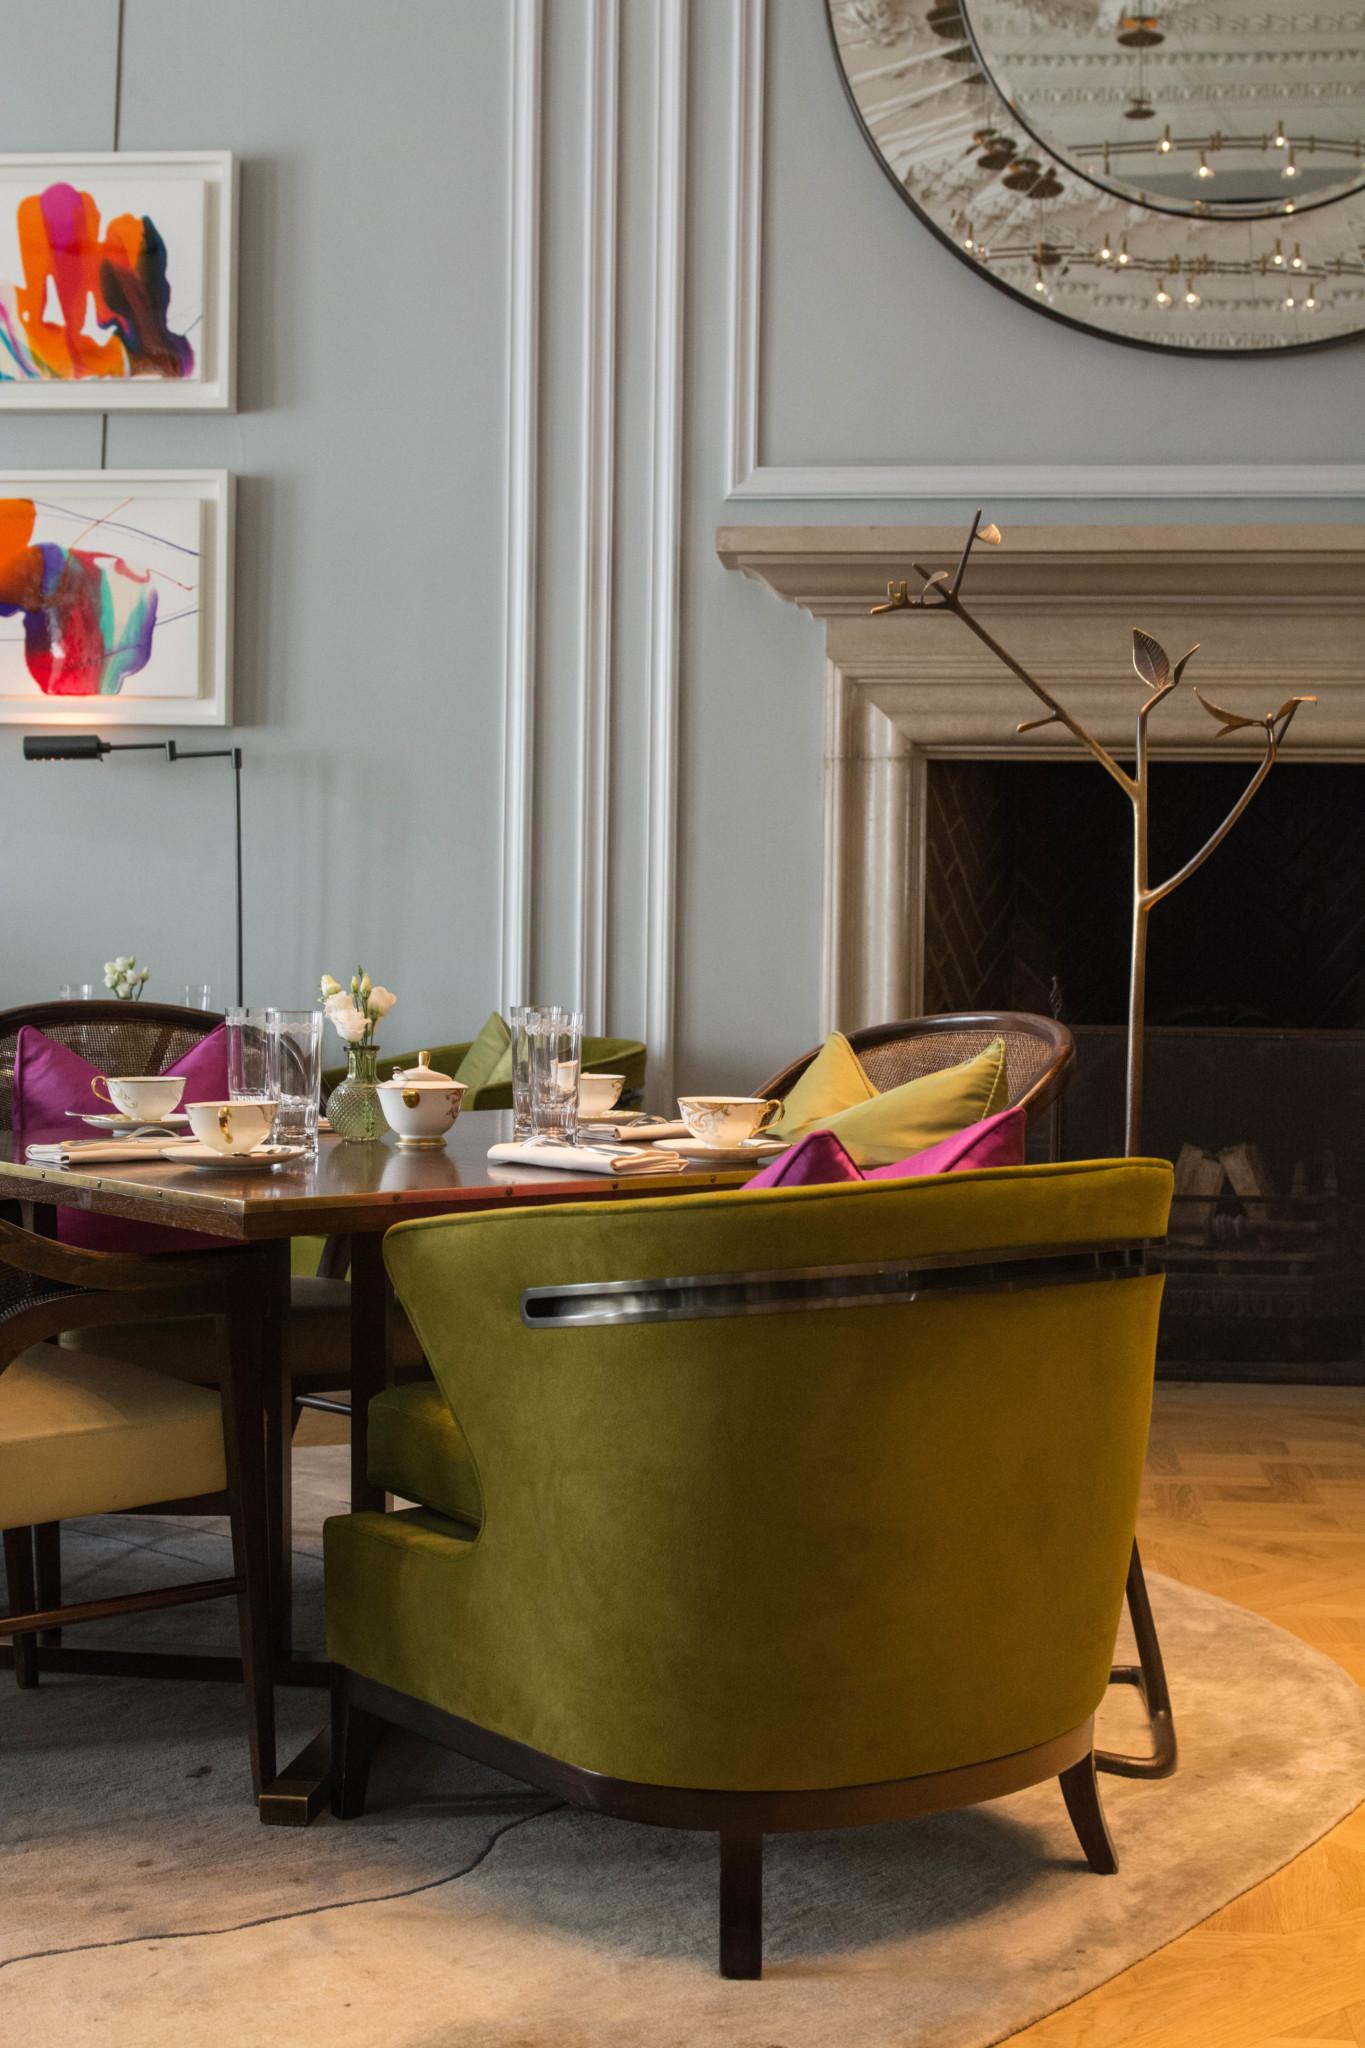 Schicke Polstermöbel in der Lounge vom Mandarin Oriental London